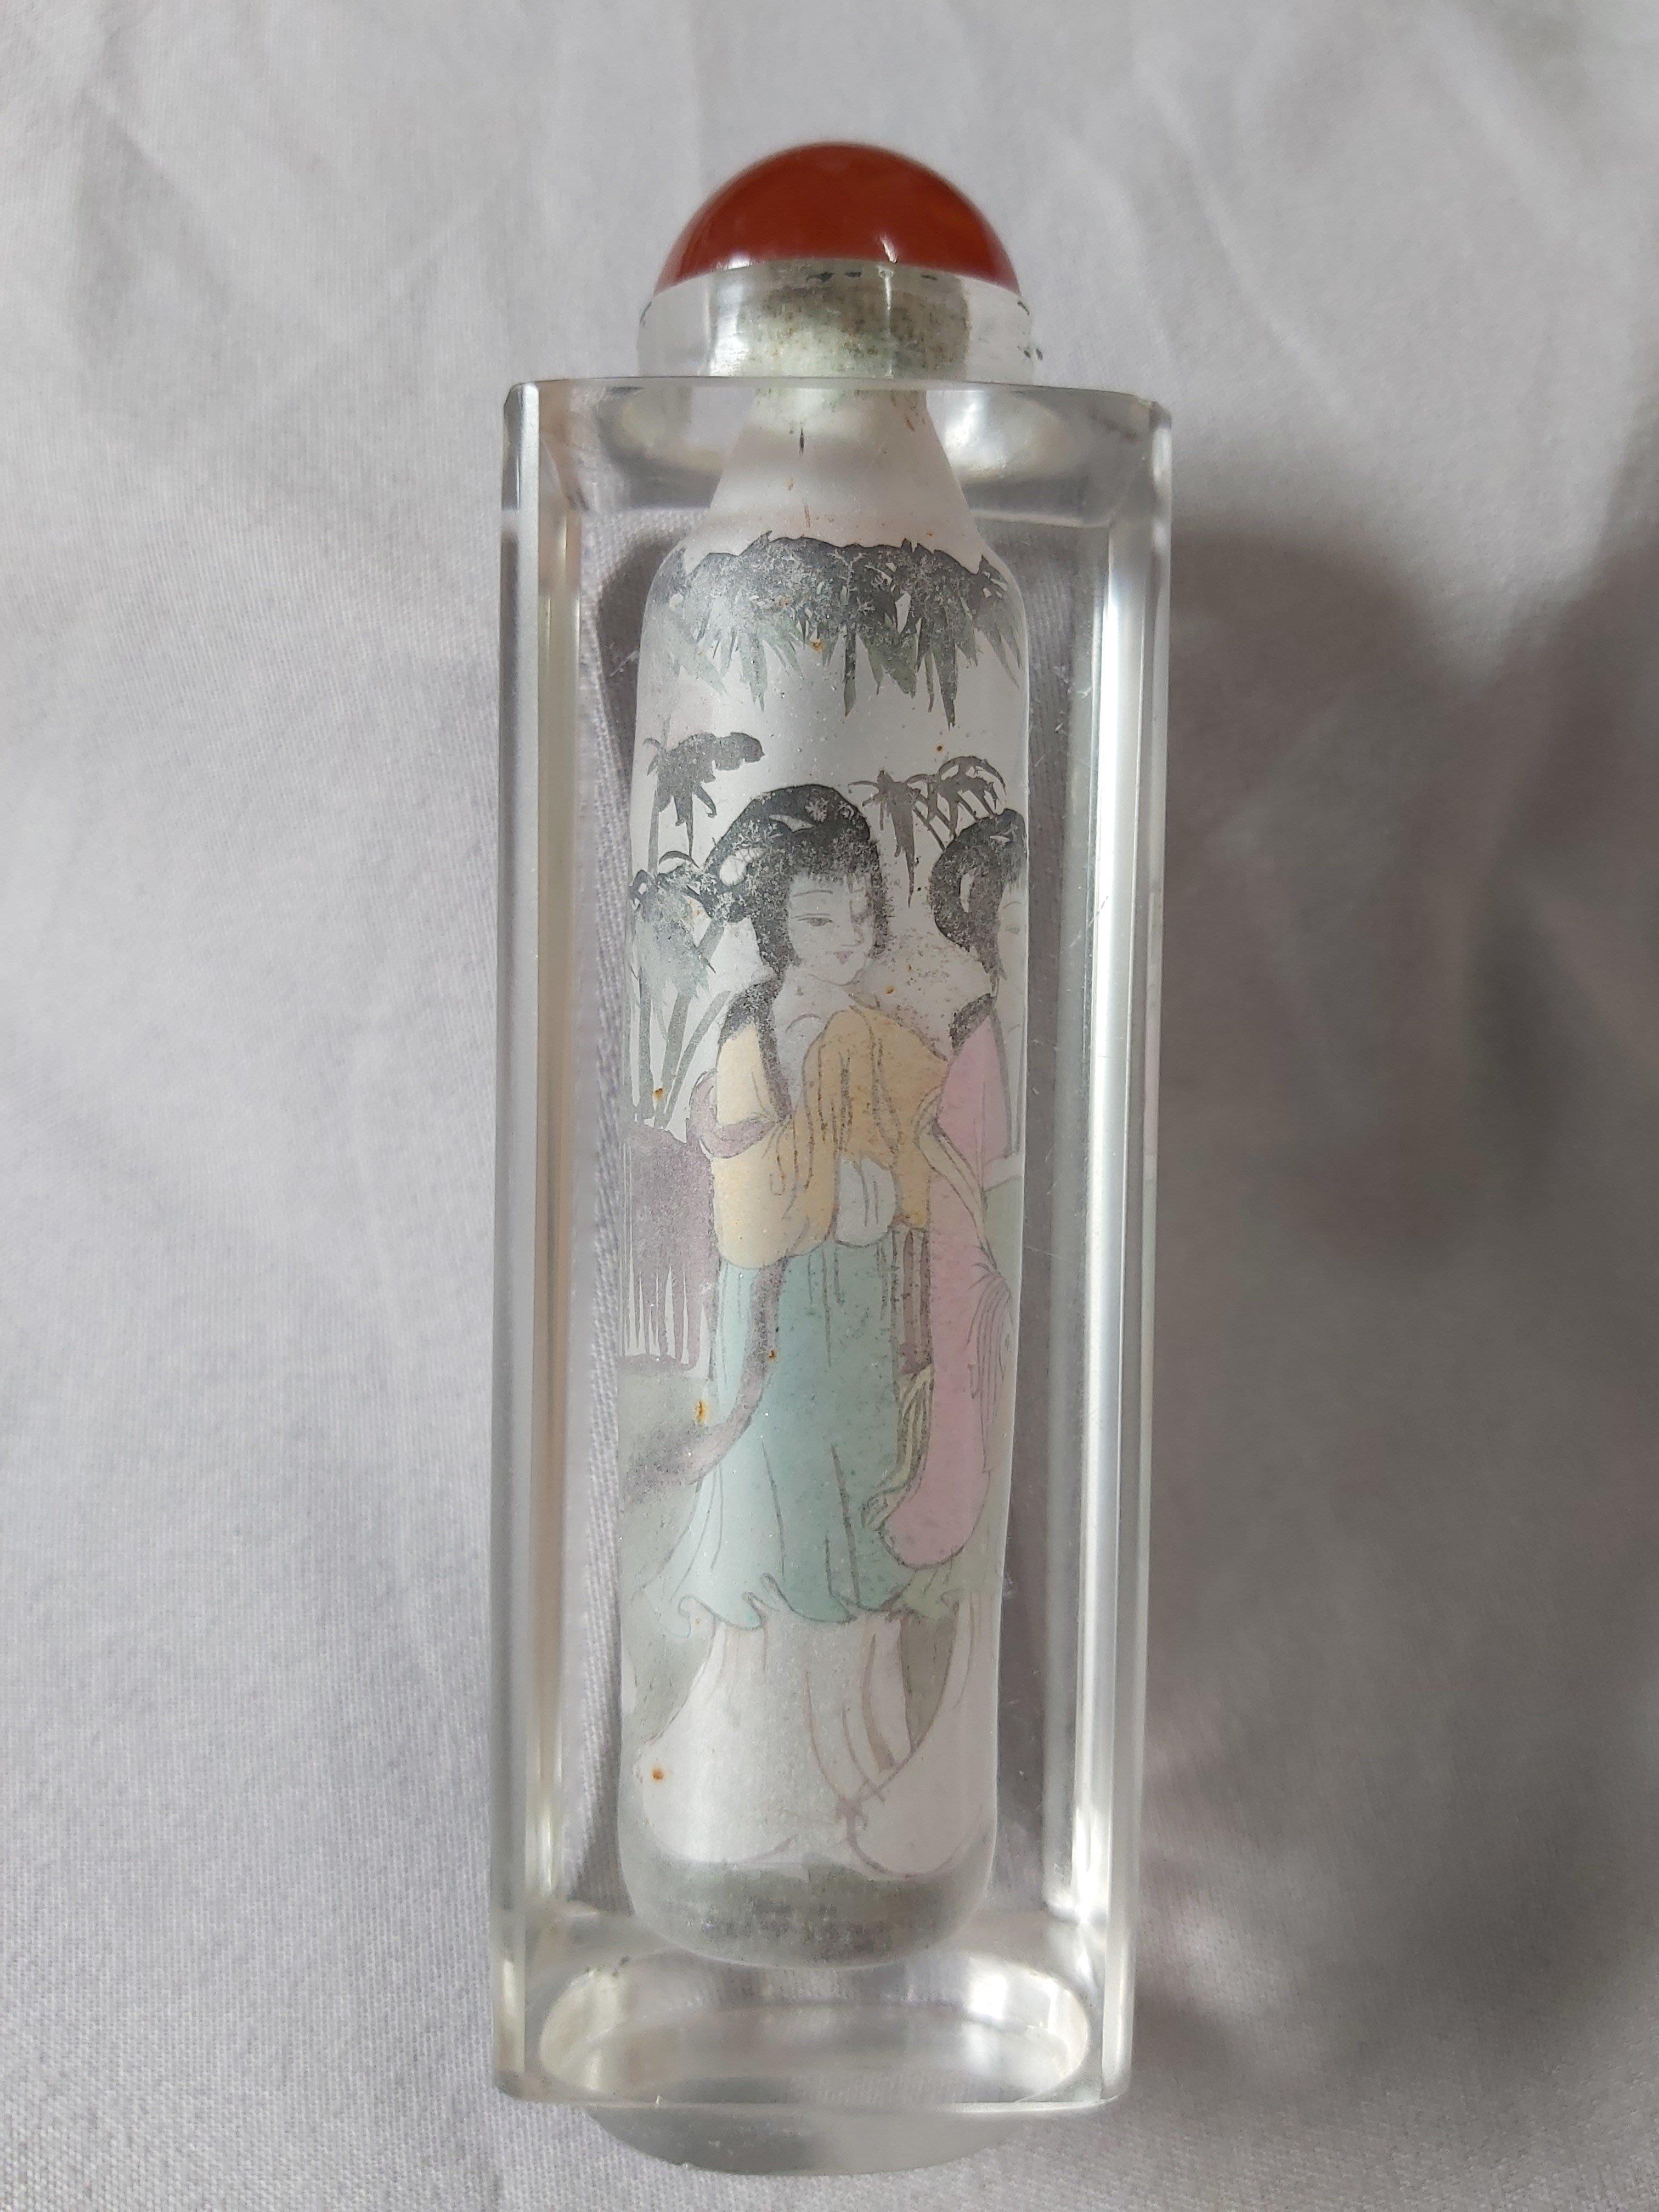 水晶玻璃內畫鼻煙壺,高10cmx寬3.5cm